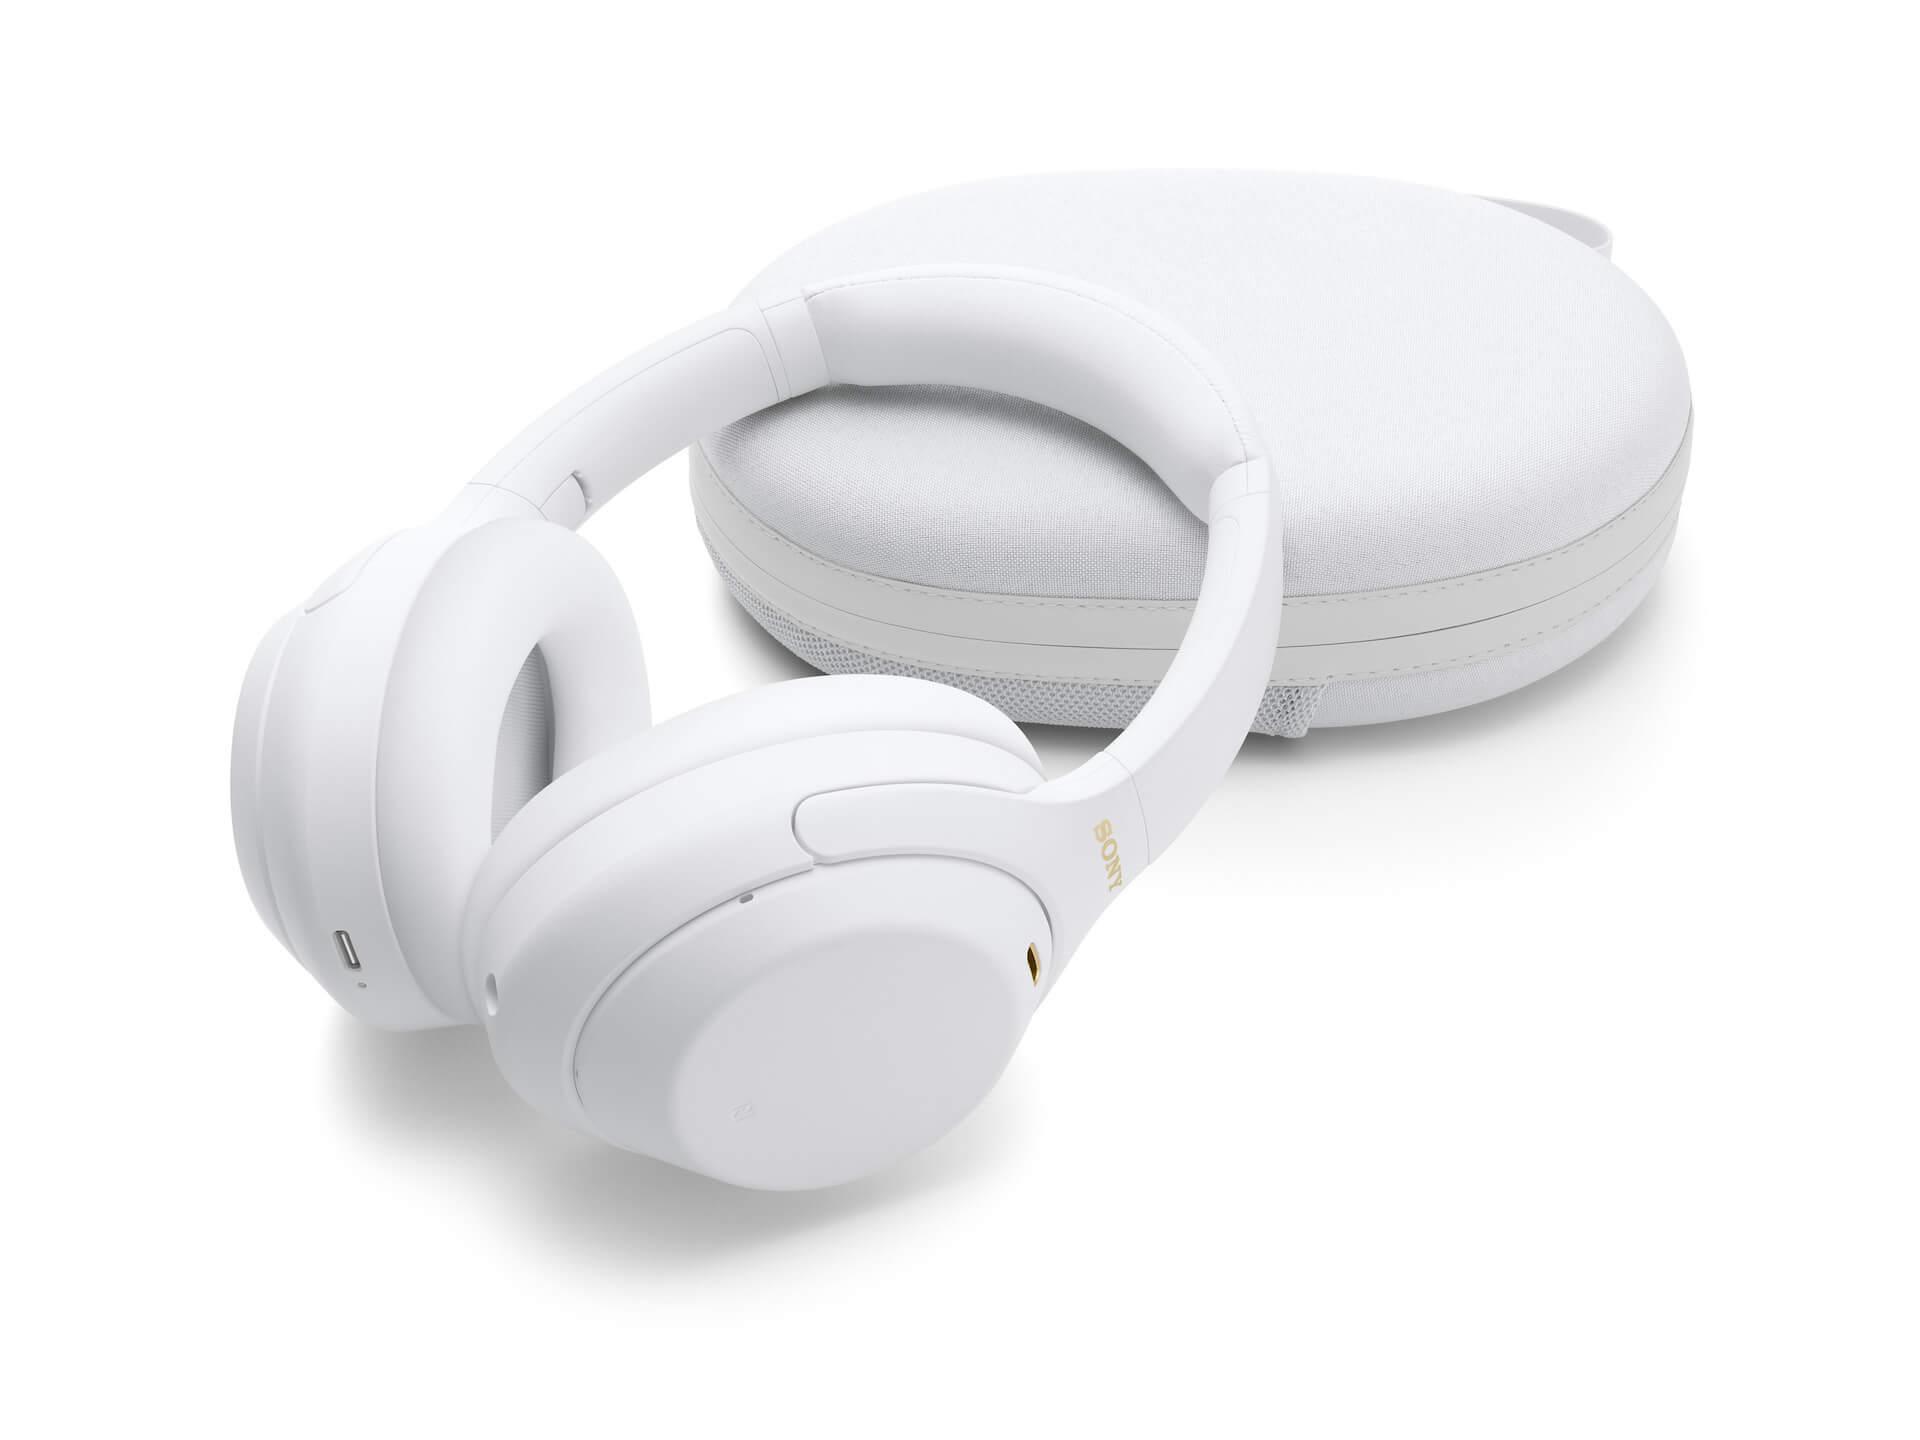 ソニーの大人気ノイズキャンセリングヘッドホン『WH-1000XM4』に限定カラーのサイレントホワイトが登場!LiSAを起用したKVも公開 tech210420_sony_headphone_6